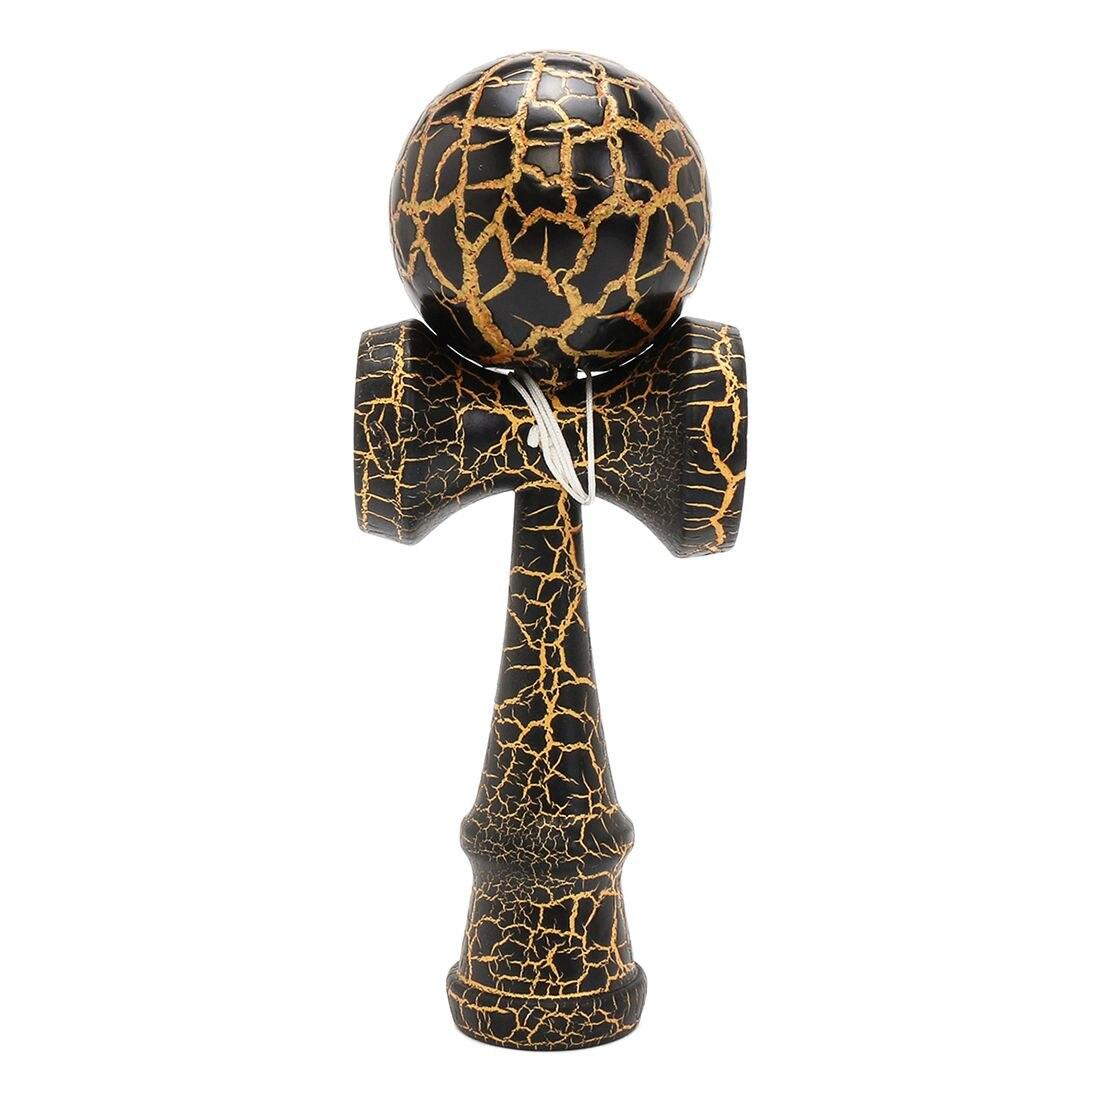 FBIL-La Crackle en Kendama bola de madera de la educación tradicional juego juguete